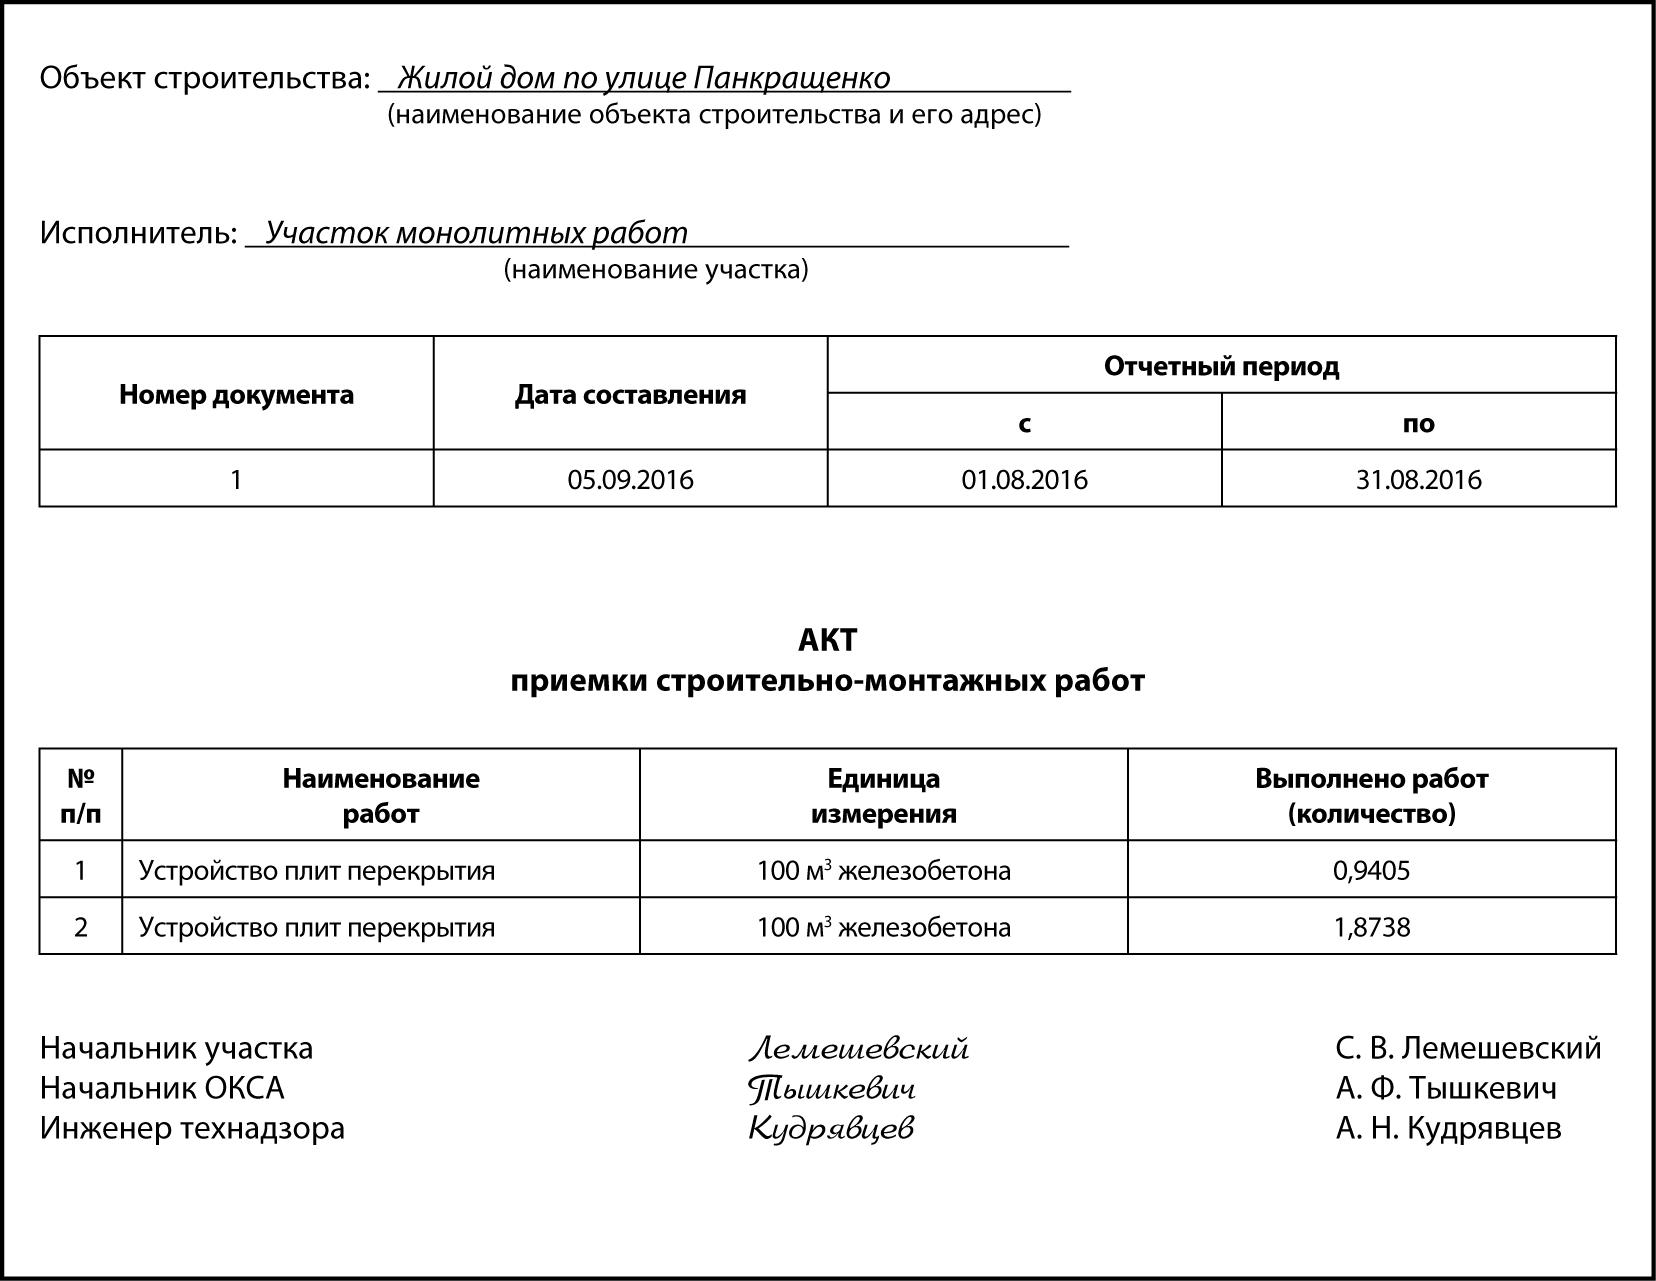 Договор поставки товара между юридическими лицами образец